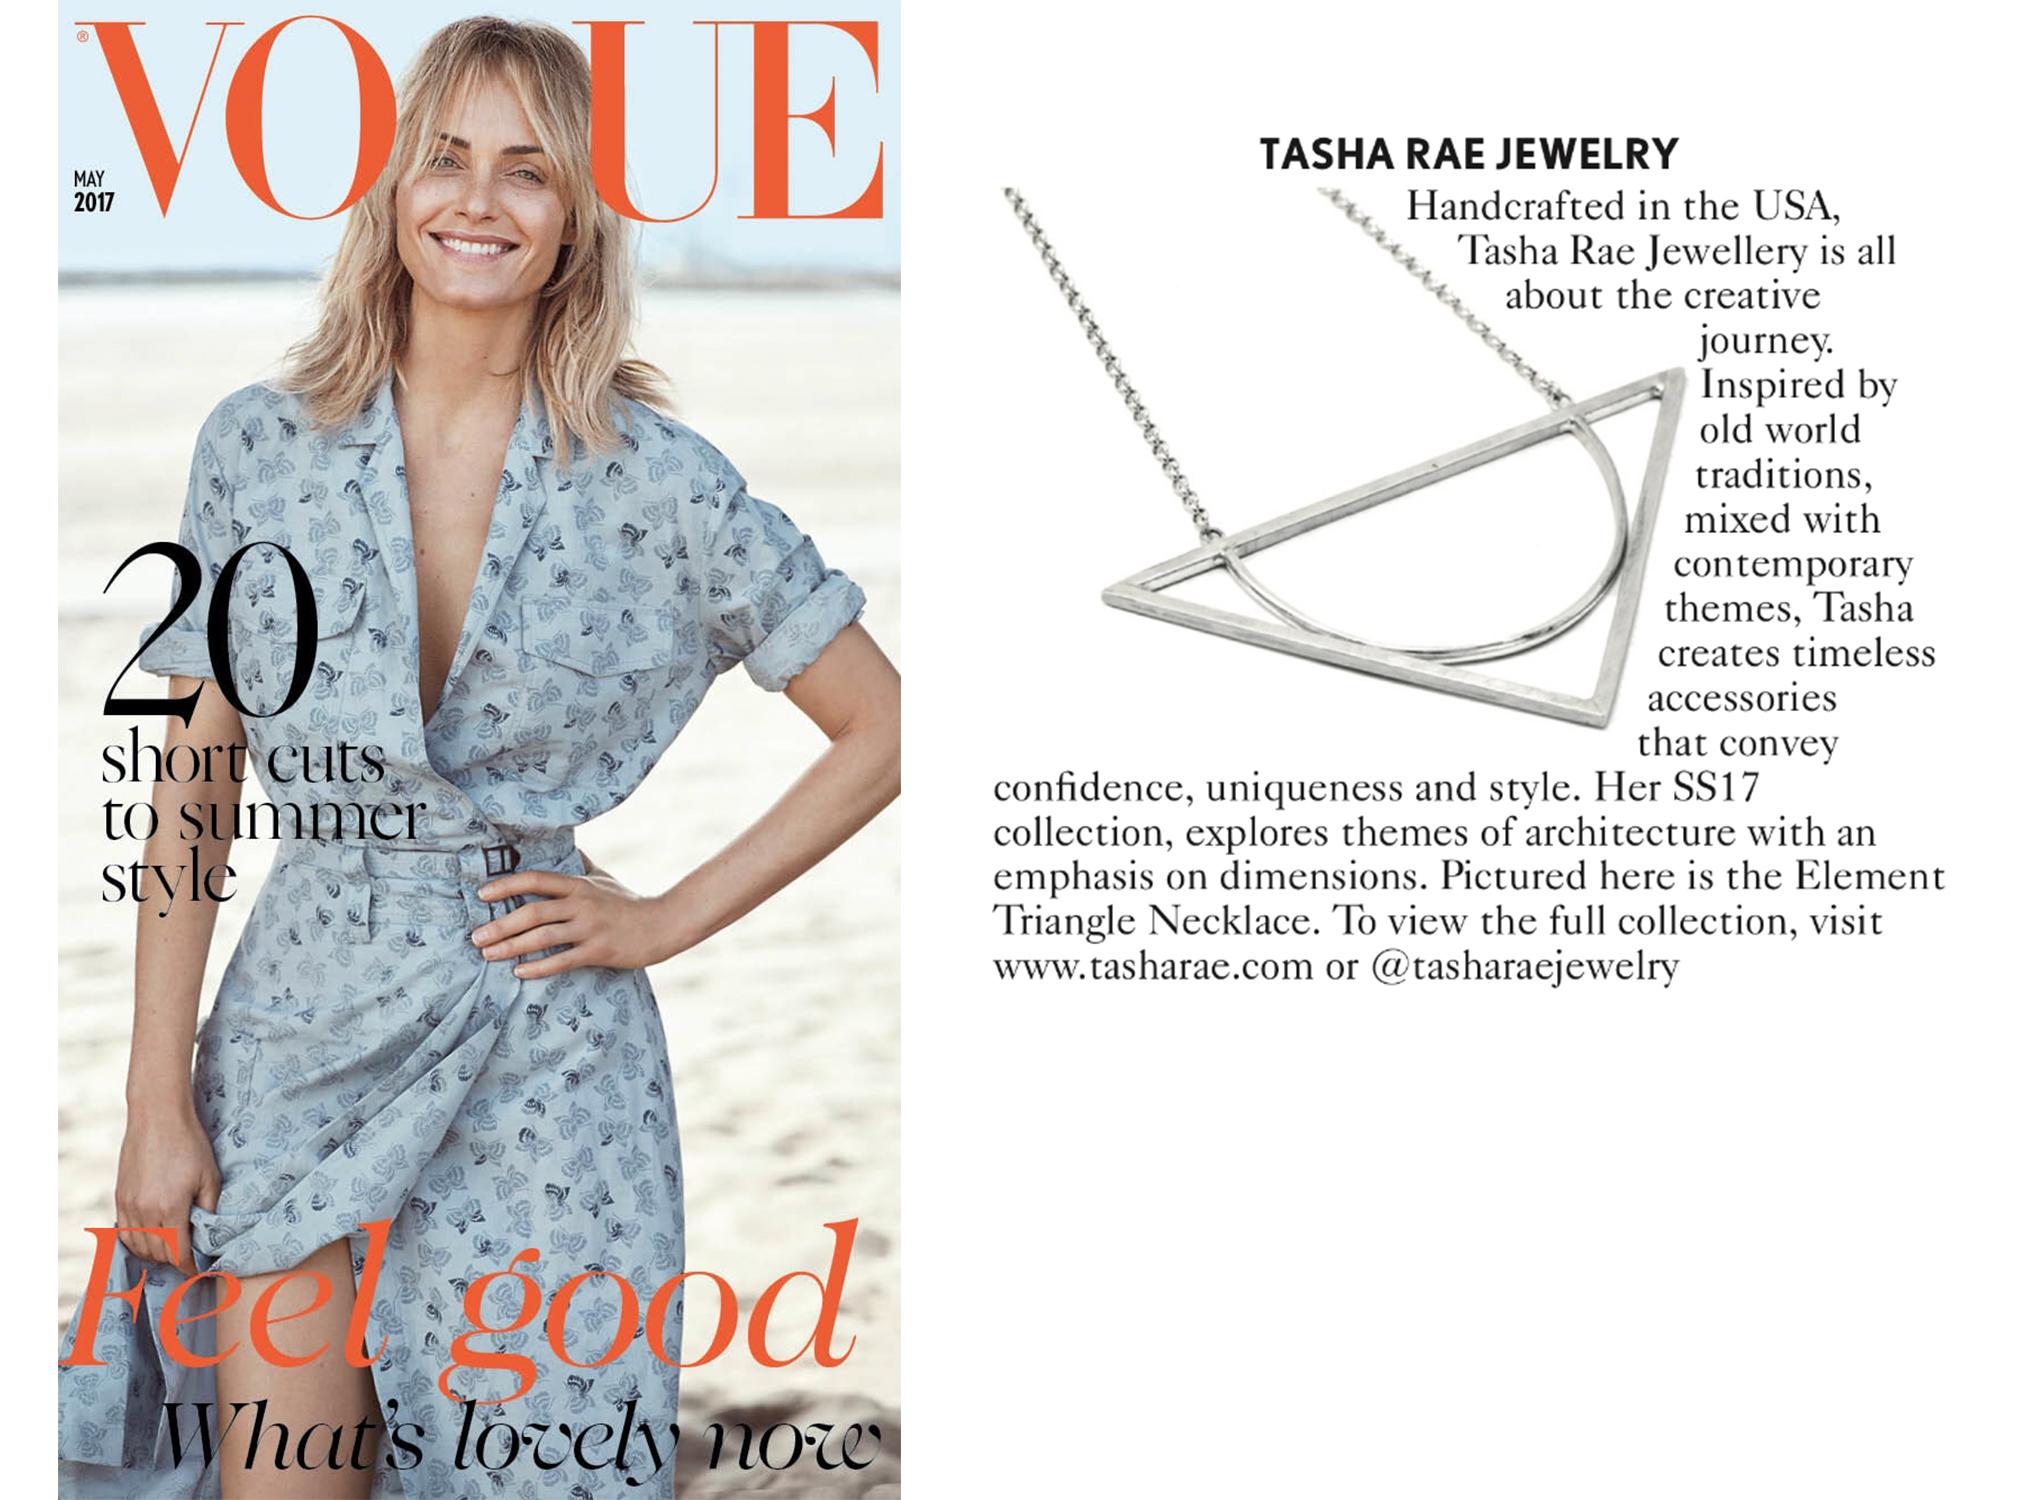 Tasha Rae Jewelry featured in British Vogue, May 2017